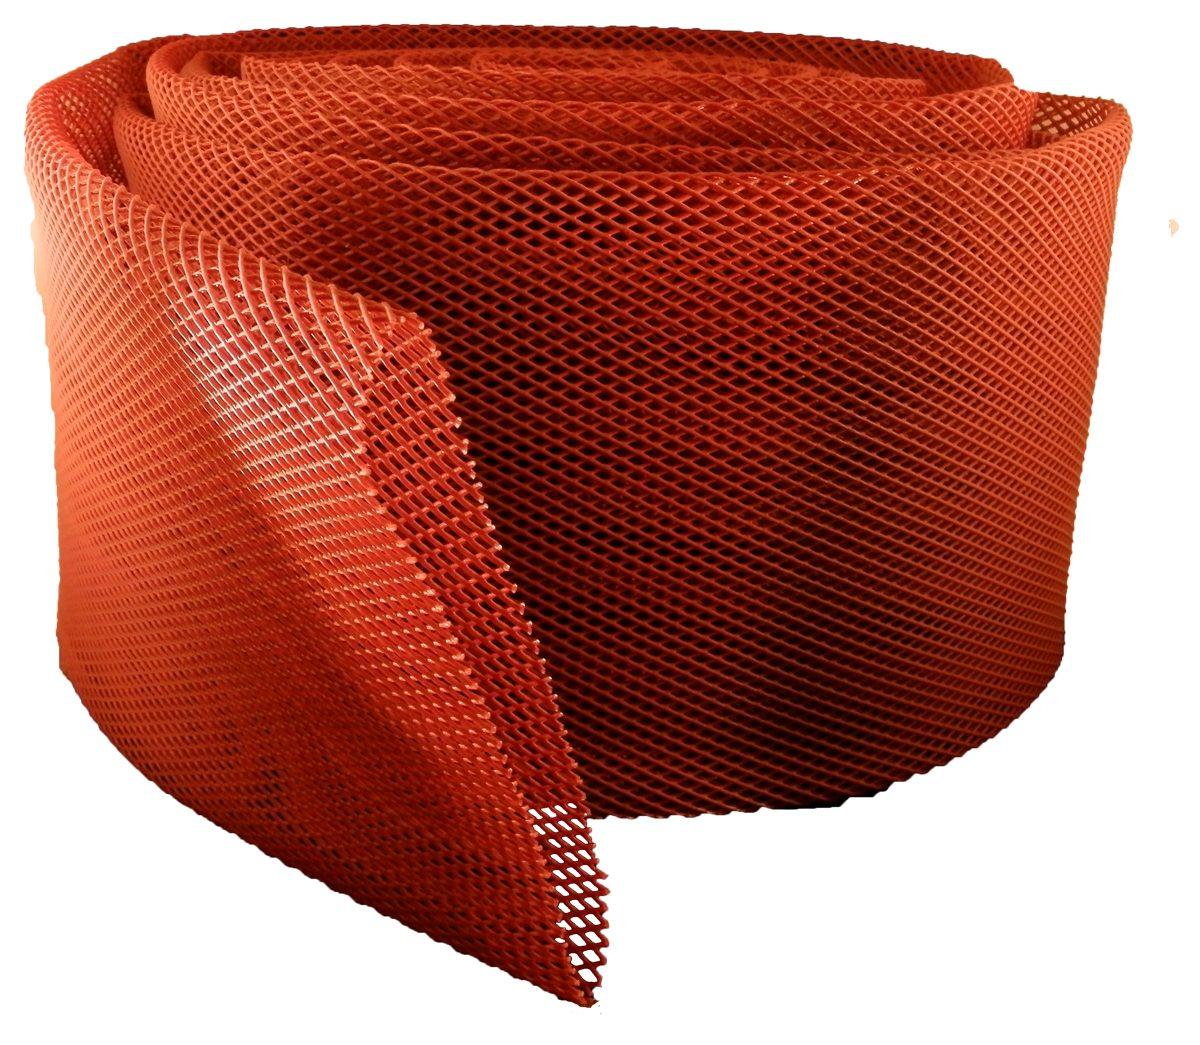 sleeve netting web